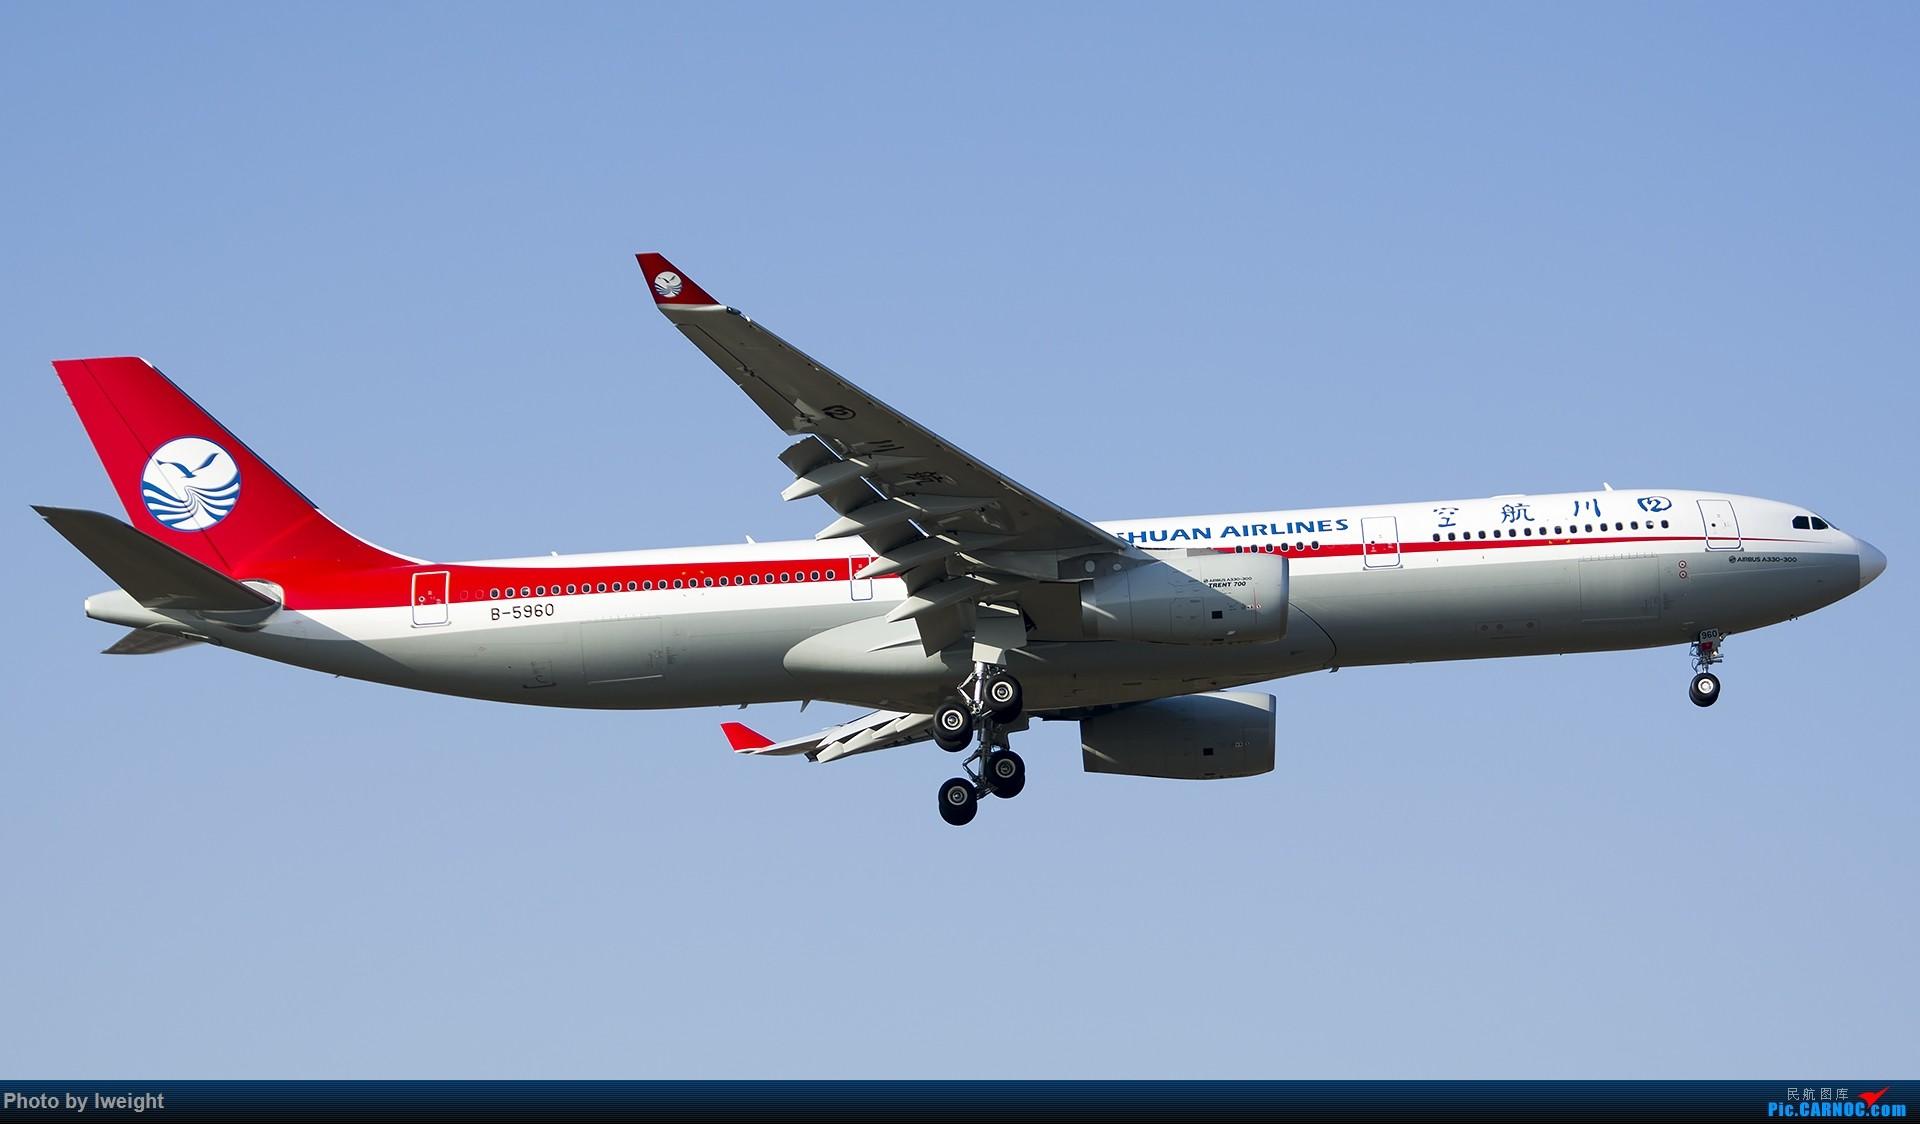 Re:[原创]2014-12-02 ZBAA随拍 AIRBUS A330-300 B-5960 中国北京首都国际机场